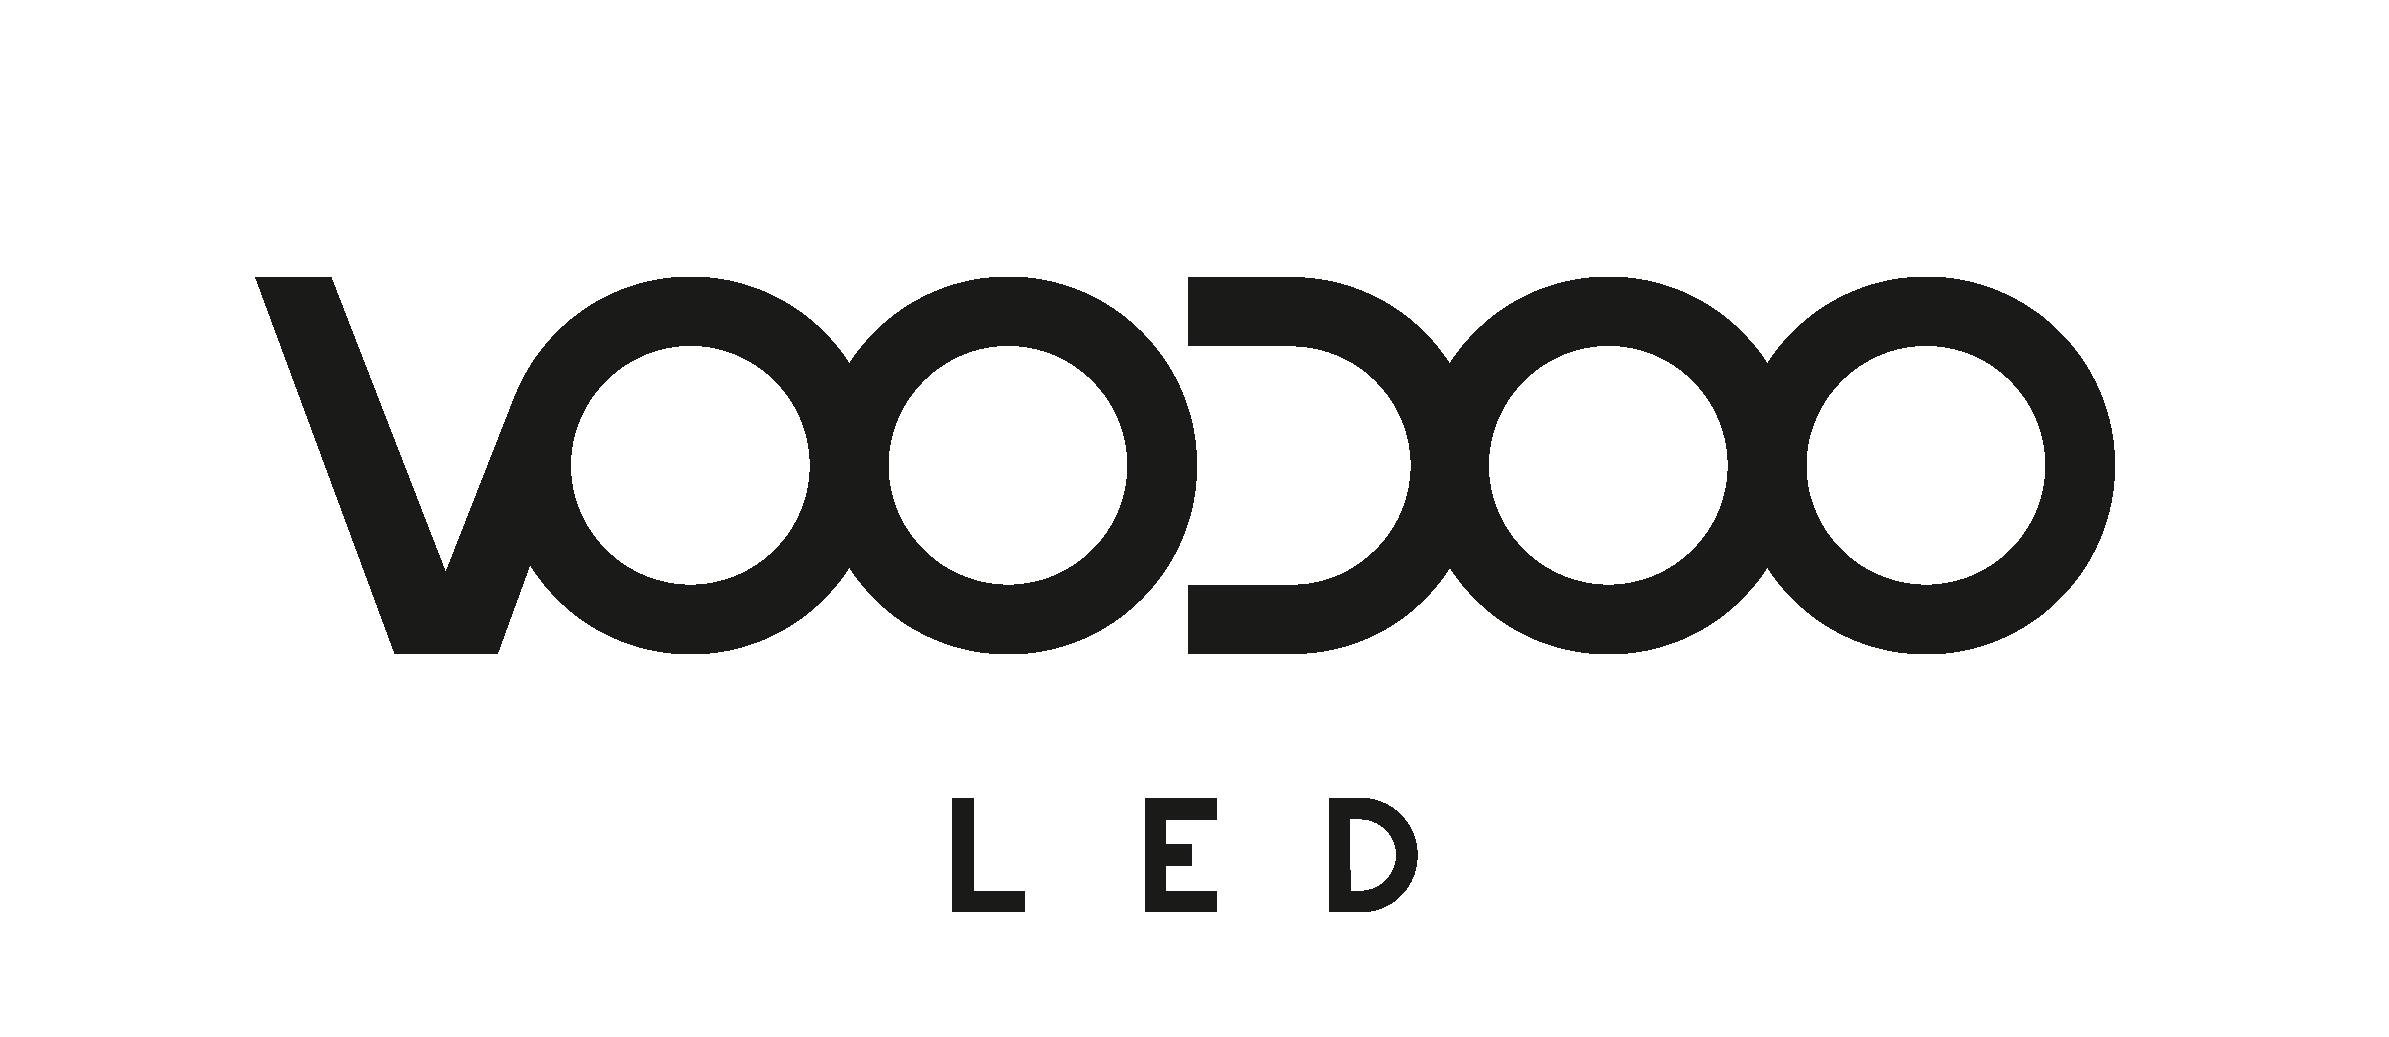 FLEXX_VOODOO_LOGO_FINAL-01.png